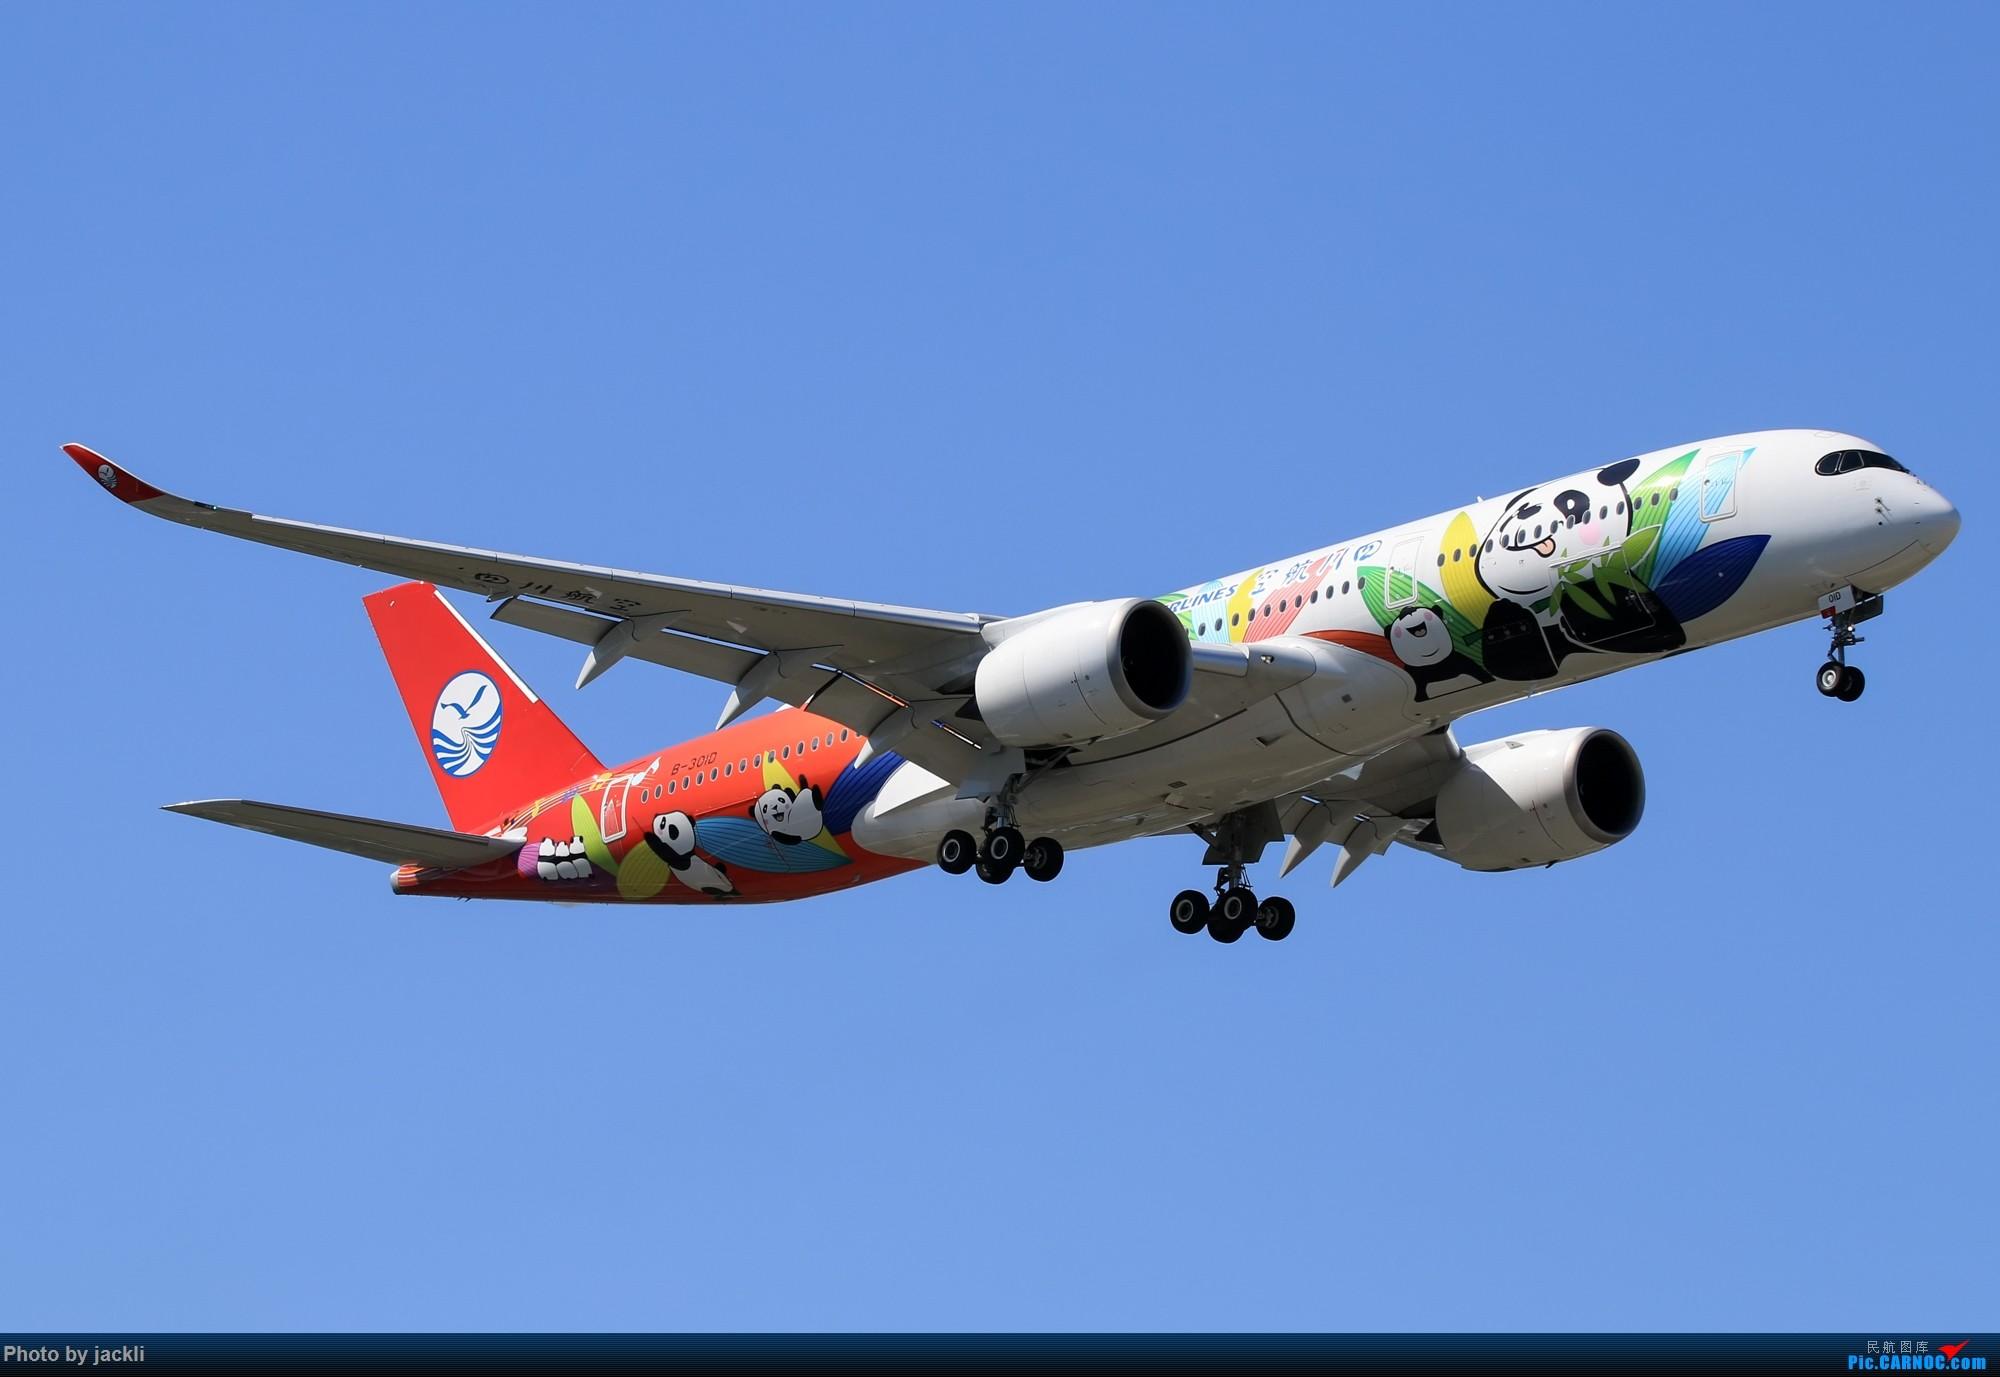 Re:[原创]【JackLi拍机+游记】北京首都机场拍机+参观民航博物馆+首次体验国航A350~ AIRBUS A350-900 B-301D 中国北京首都国际机场